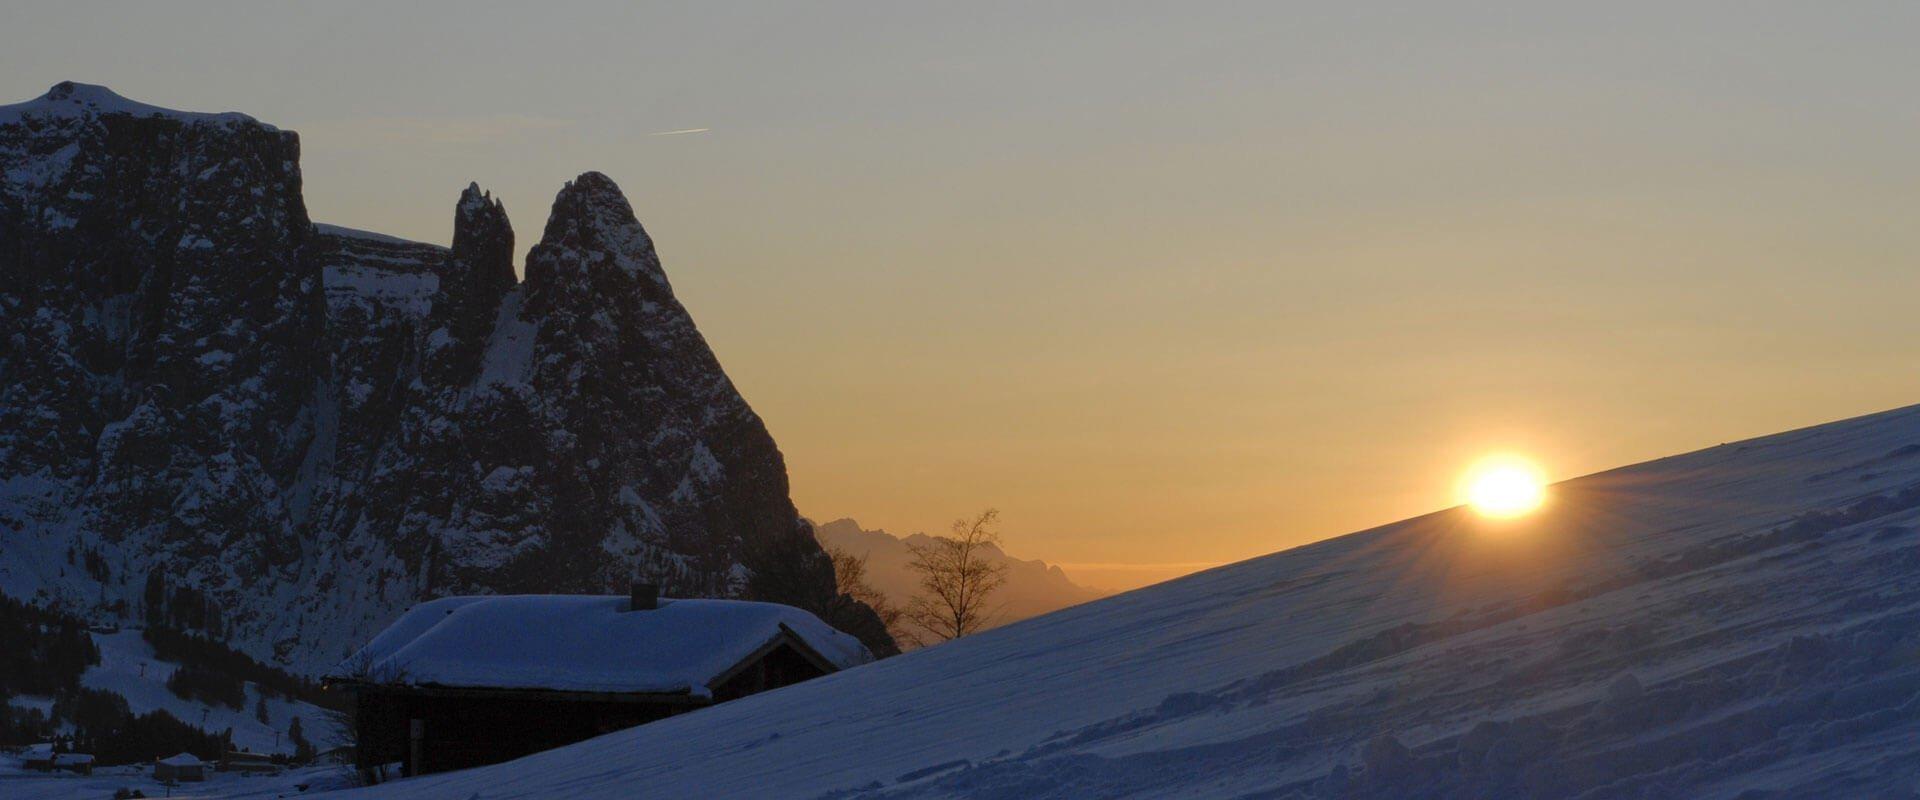 20-winterurlaub-kastelruth-4